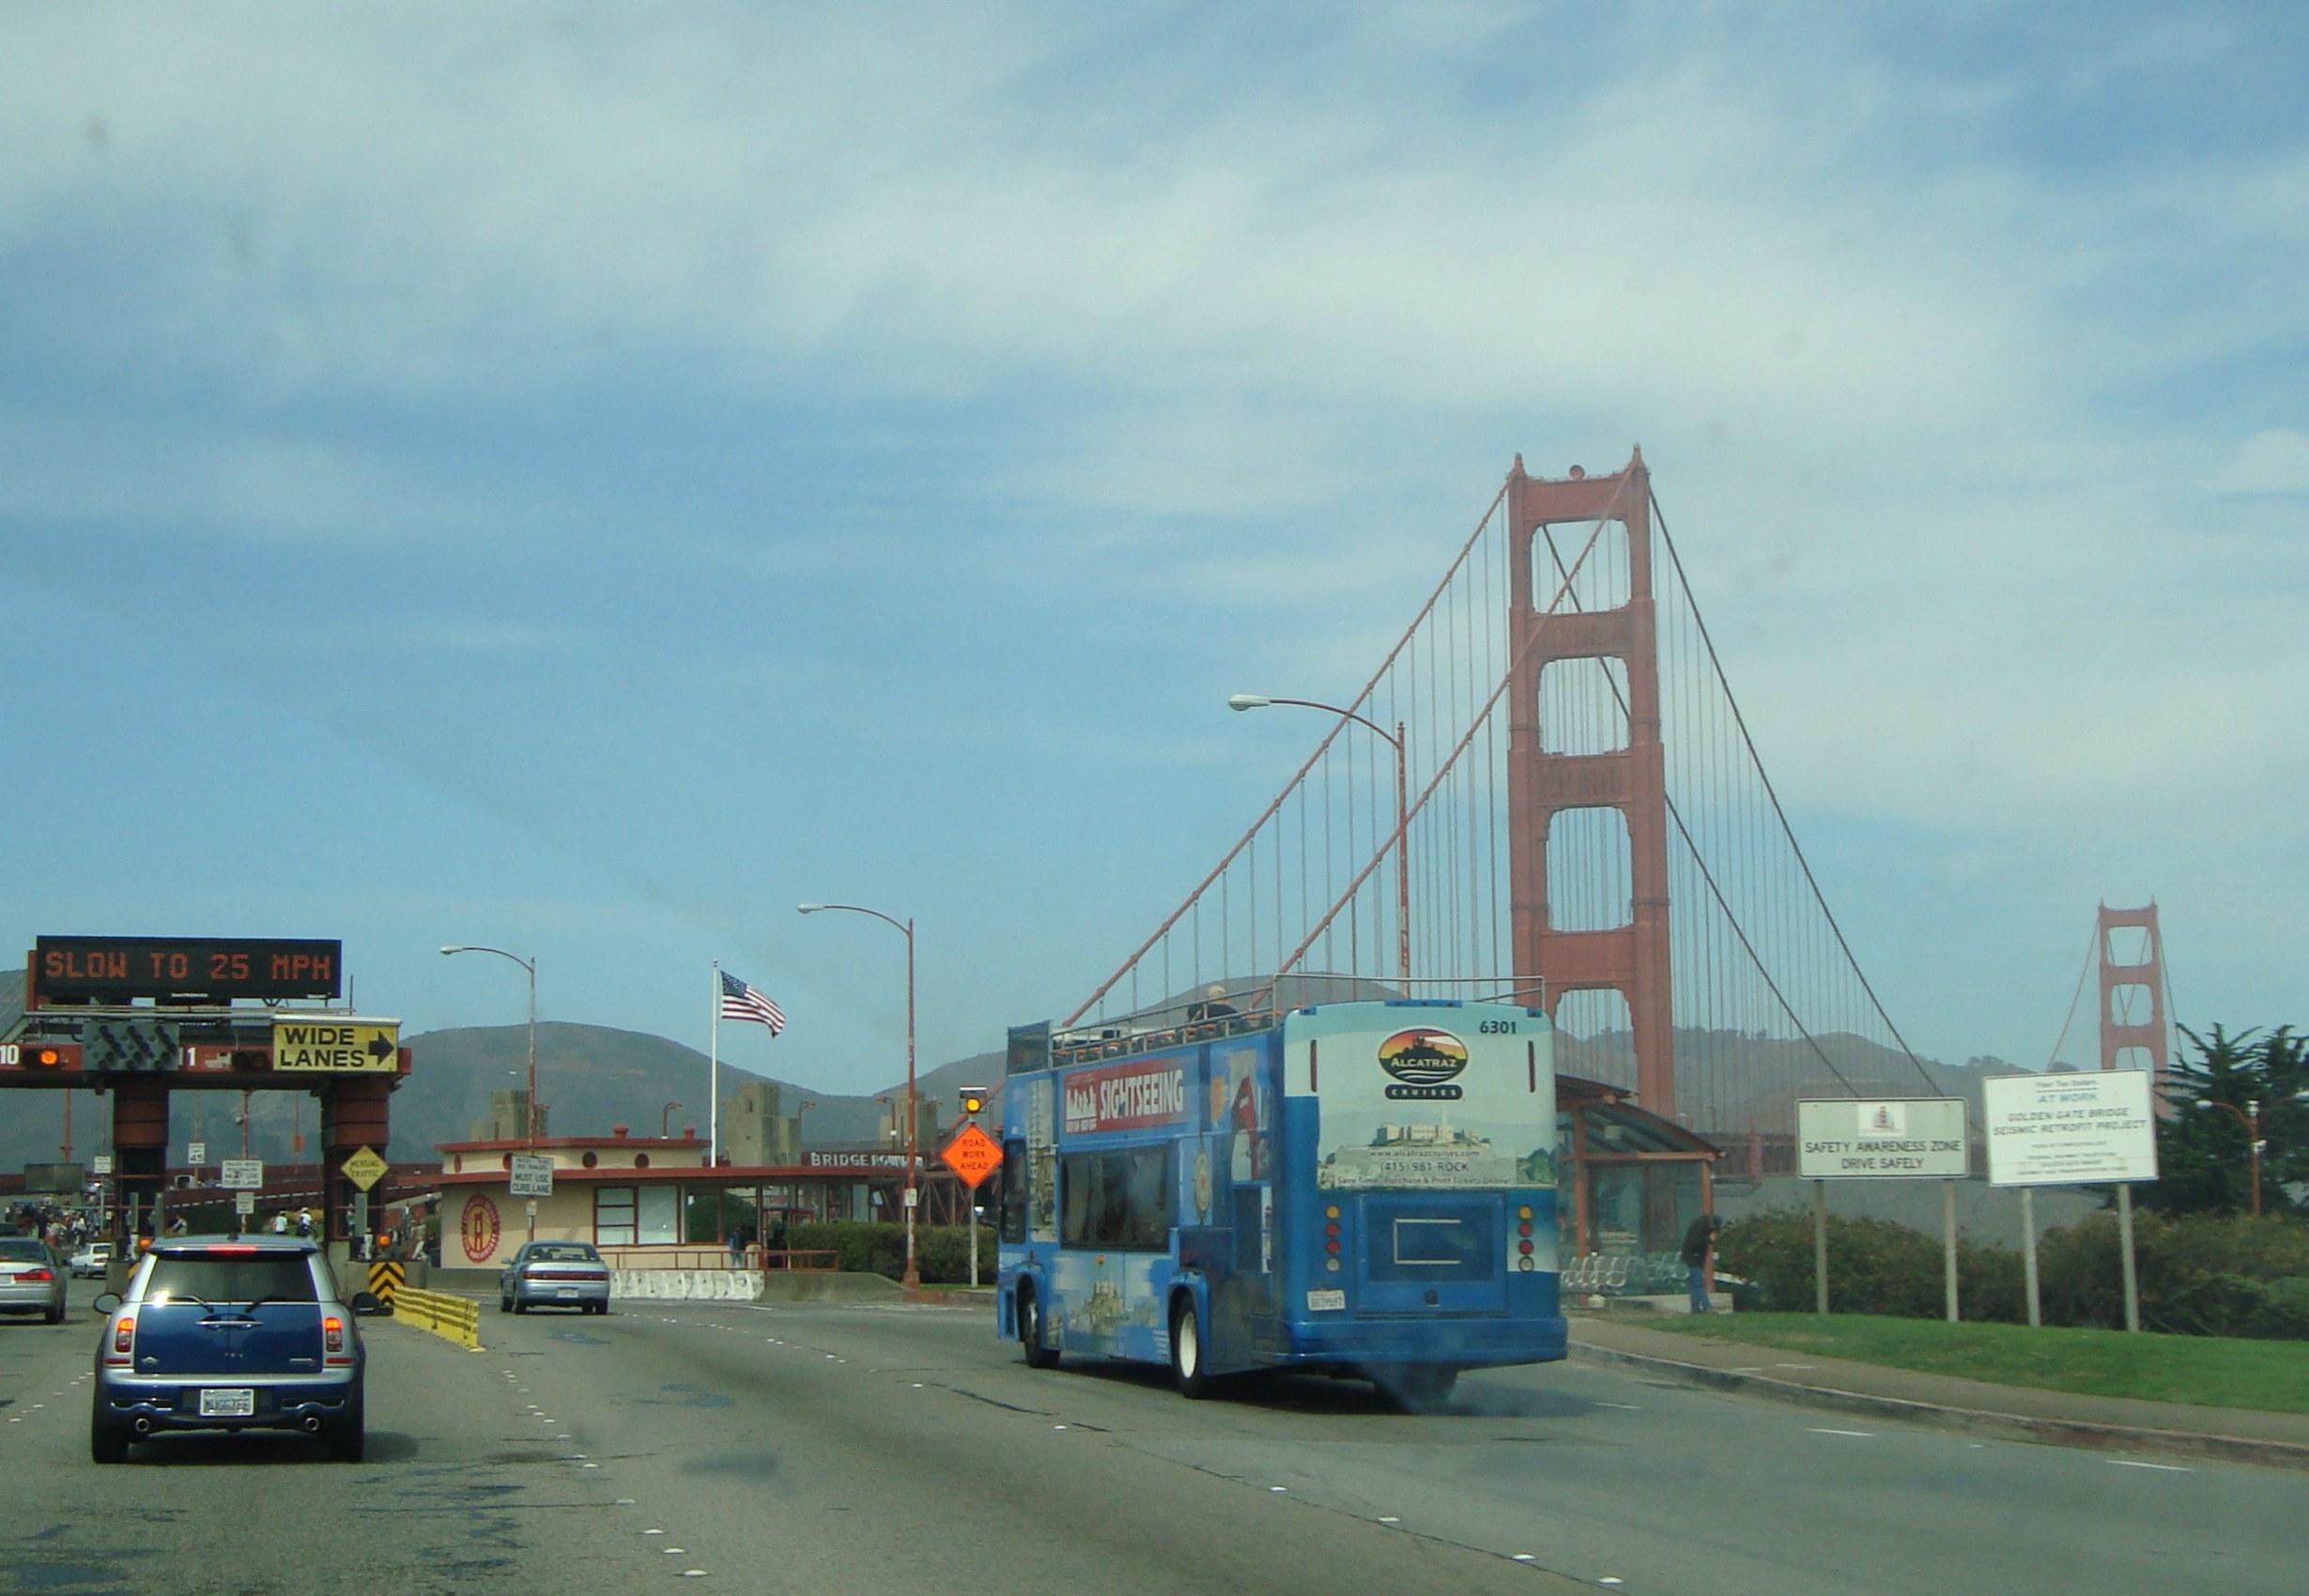 Bridge Round House oli tämän kuvan ottamisen aikana vielä lahjatavarakauppa. Se kuvassa Amerikan lipun alla oleva rakennus.